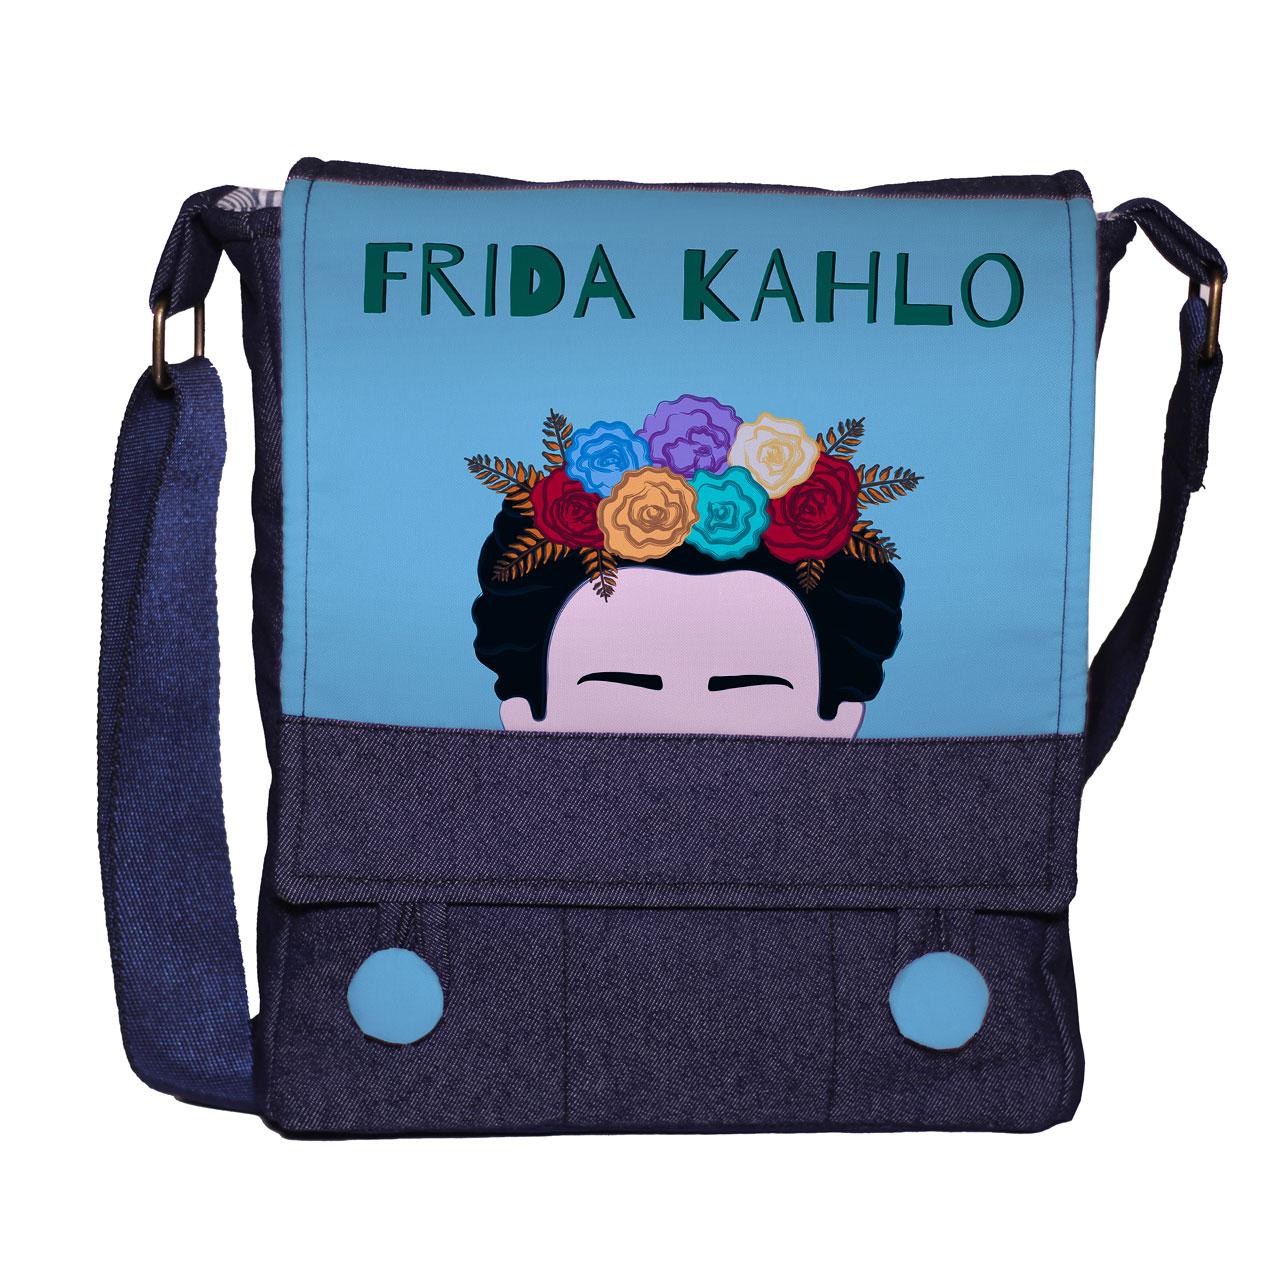 کیف دوشی زنانه گالری چی چاپ طرح فریدا کالو کد 65816